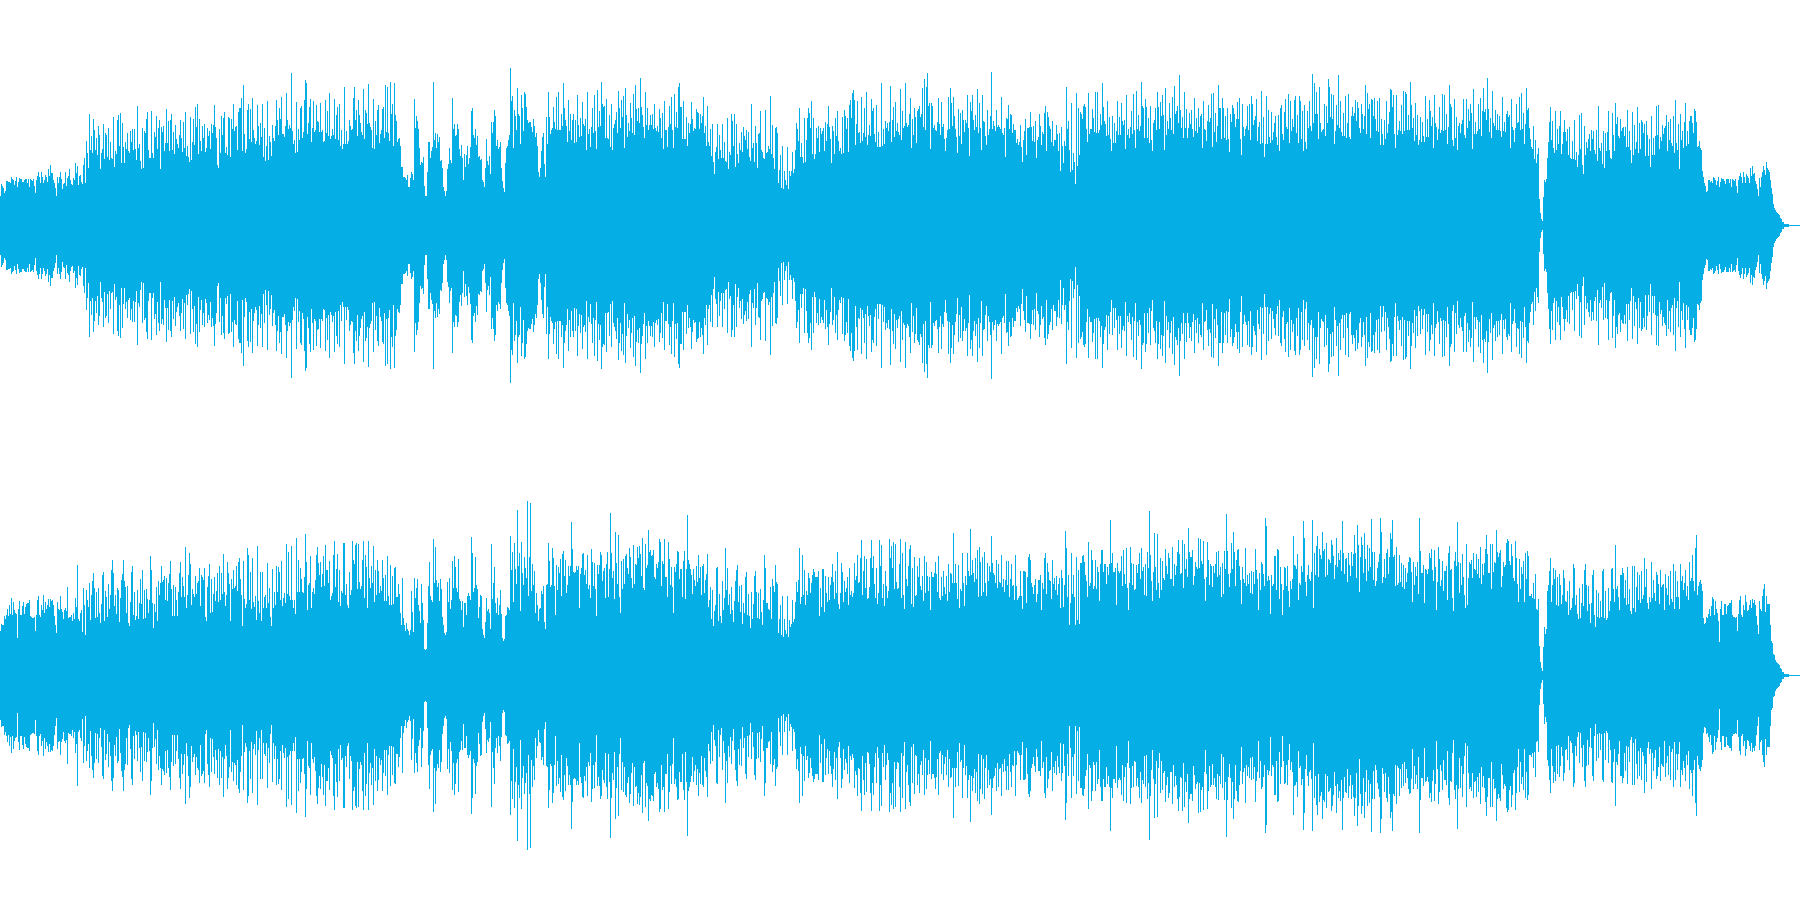 和風ボックスビートの再生済みの波形